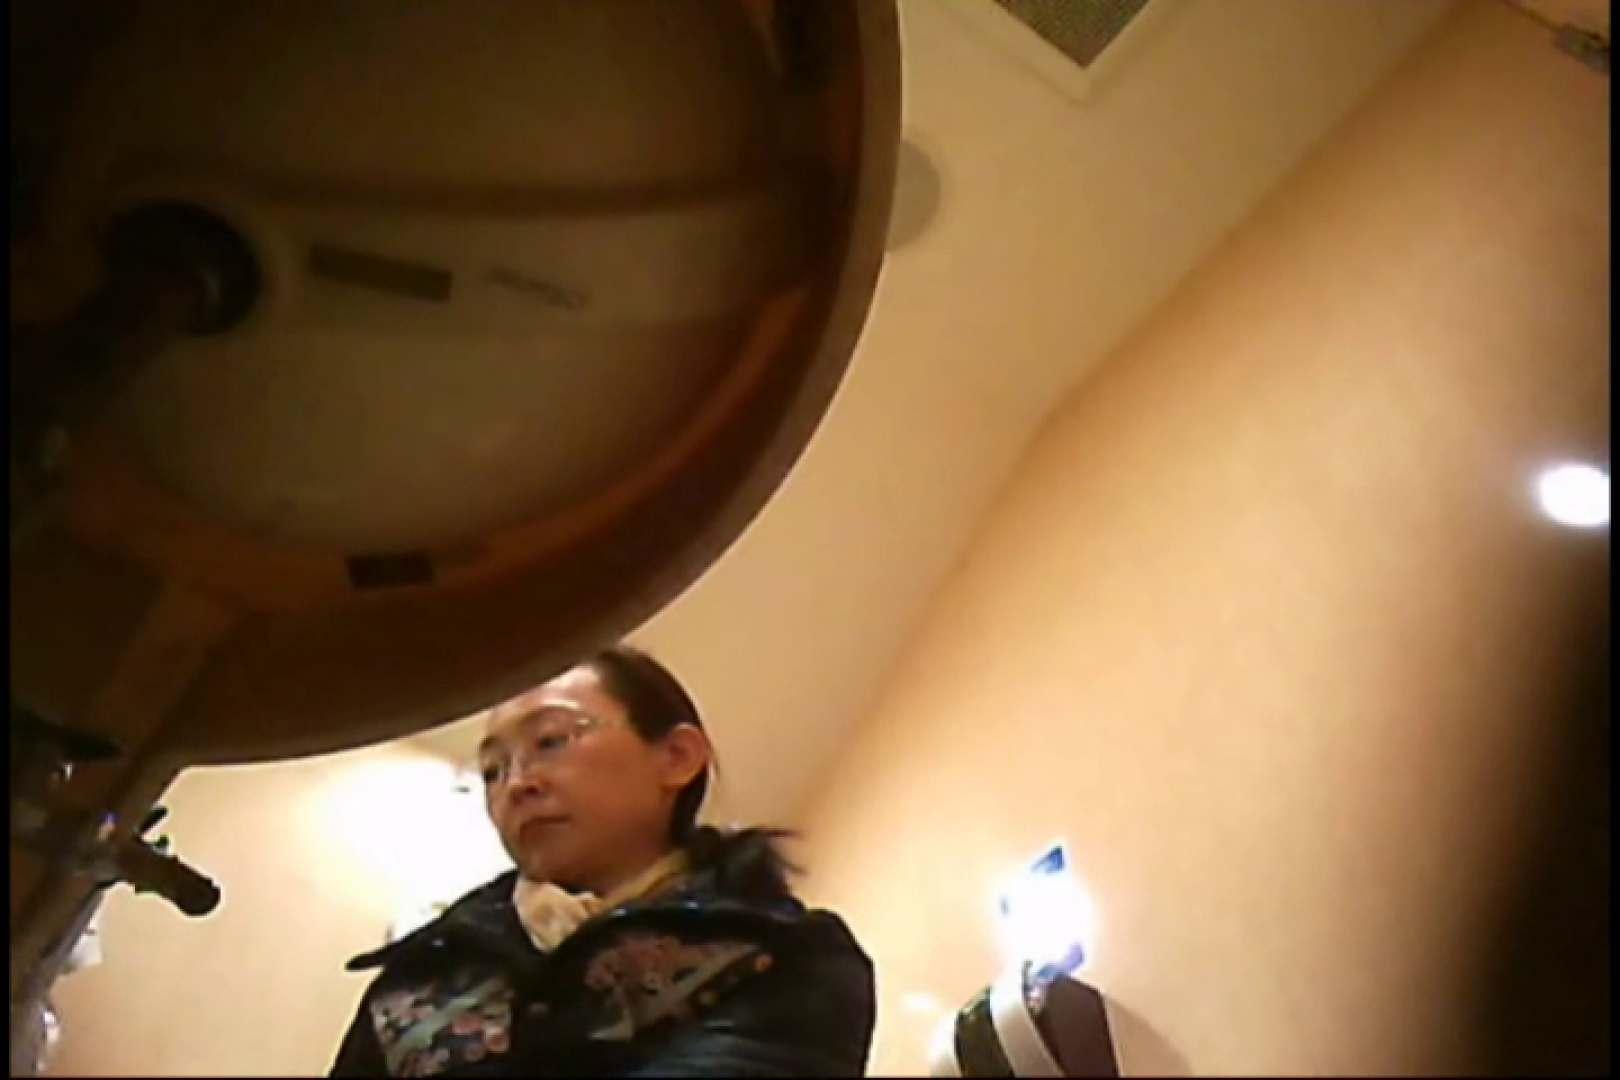 潜入!!女子化粧室盗撮~絶対見られたくない時間~vo,78 潜入シリーズ   お尻  90pic 13